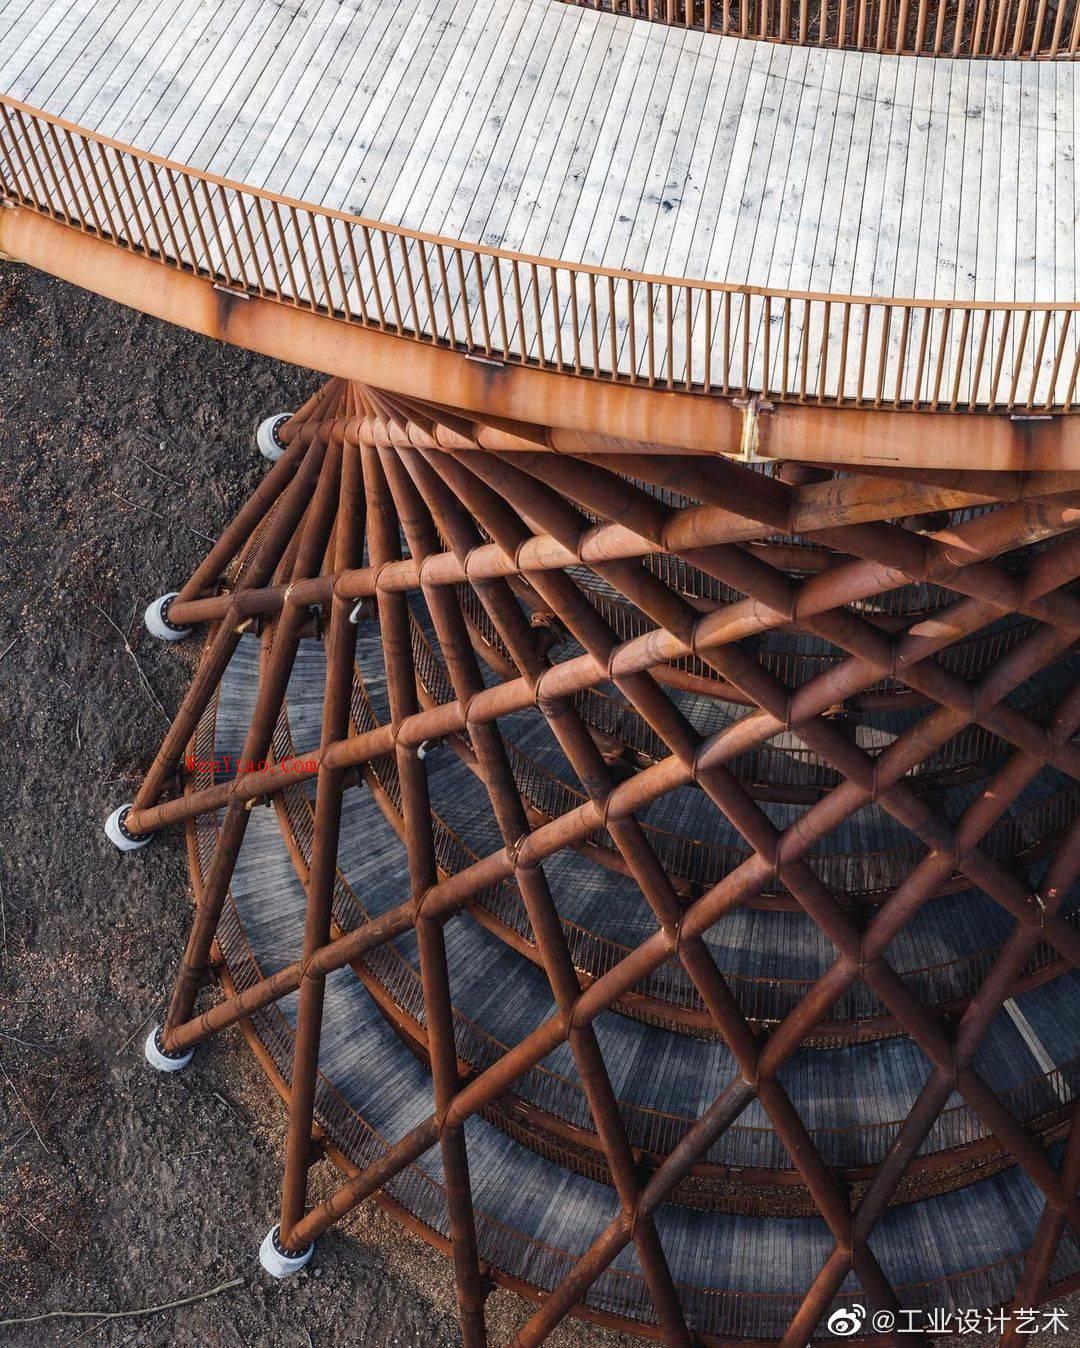 丹麥探險塔 |带你全视角一览丹麦,丹麥探險塔 |带你全视角一览丹麦 工业设计艺术 第9张,丹麥探險塔,工业设计艺术,第9张